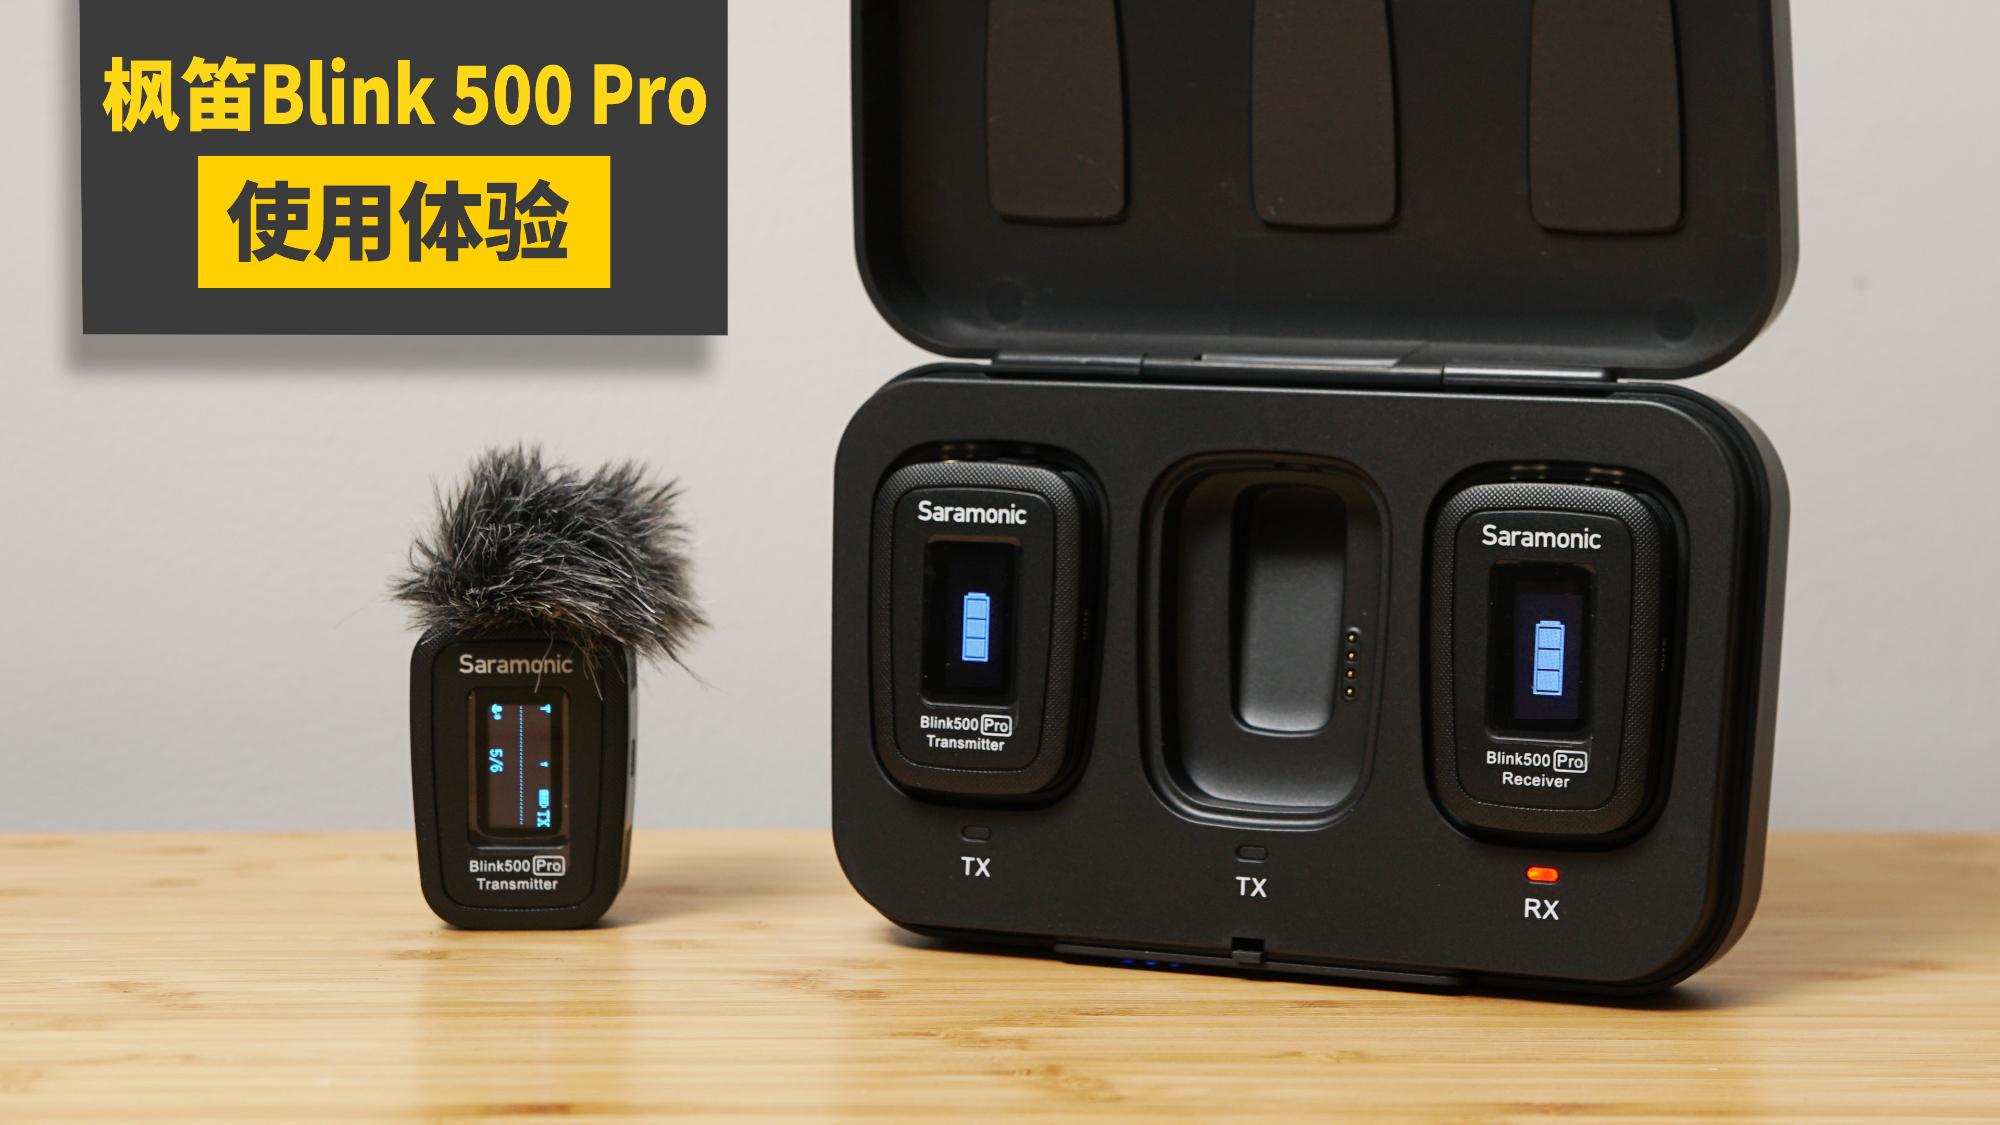 录出好声音 16 全面进化 枫笛Blink 500 Pro 无线麦克风使用体验 @Sofronio